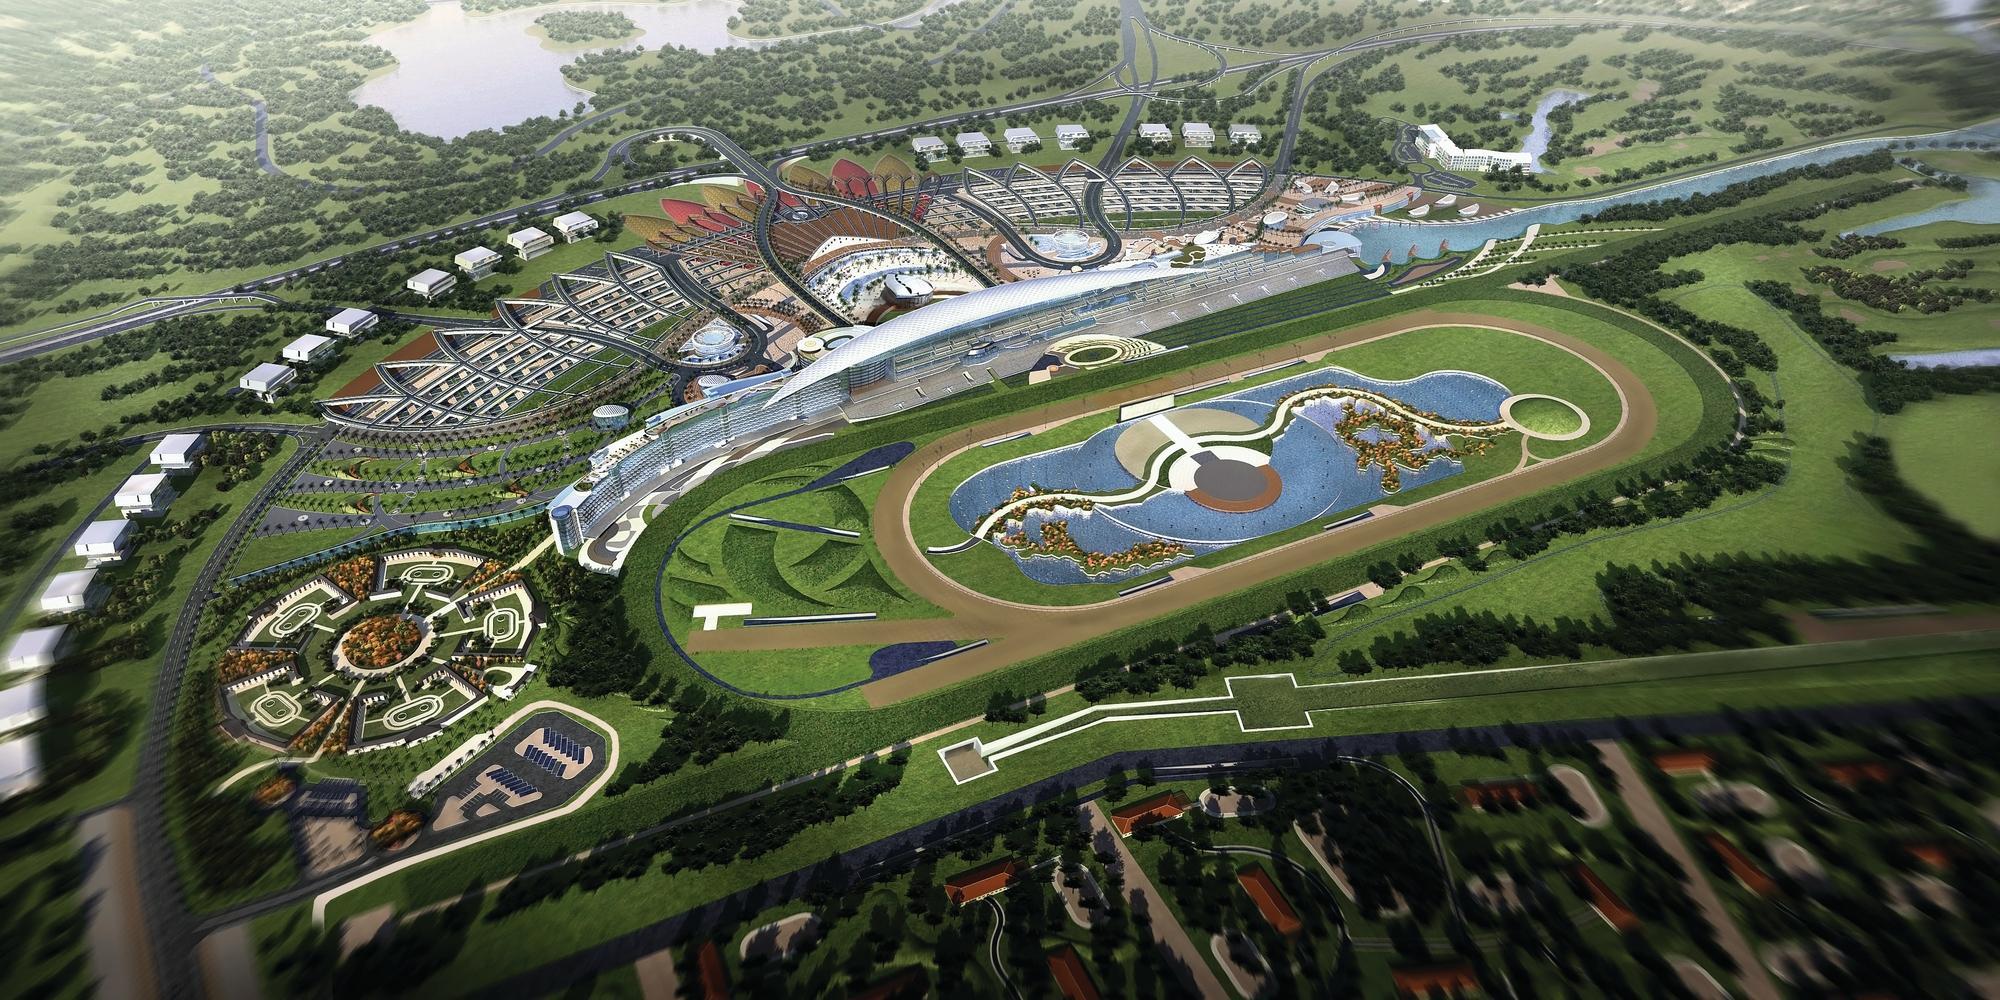 Ипподром мейдан дубай официальный сайт купить недвижимость в мире цены